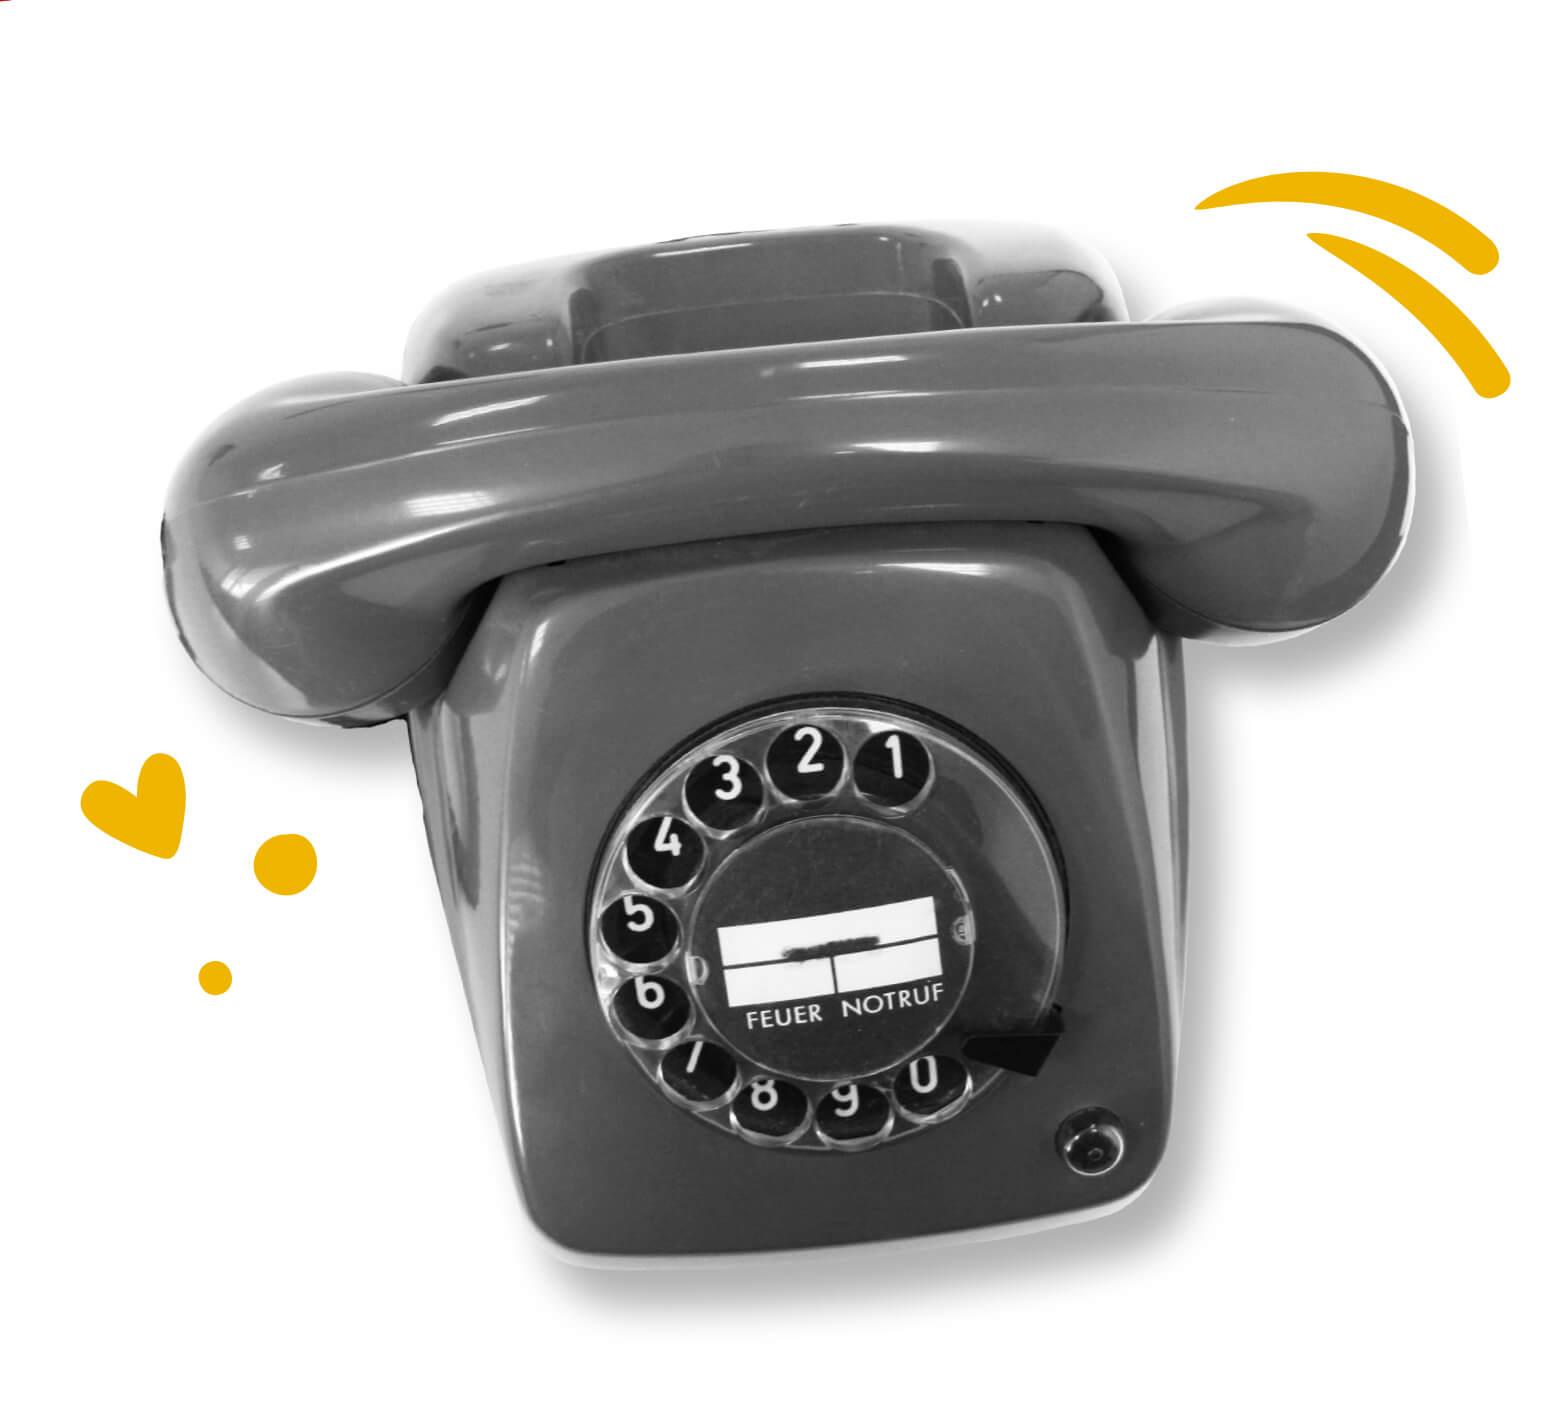 Bild eines Wählscheibentelefons